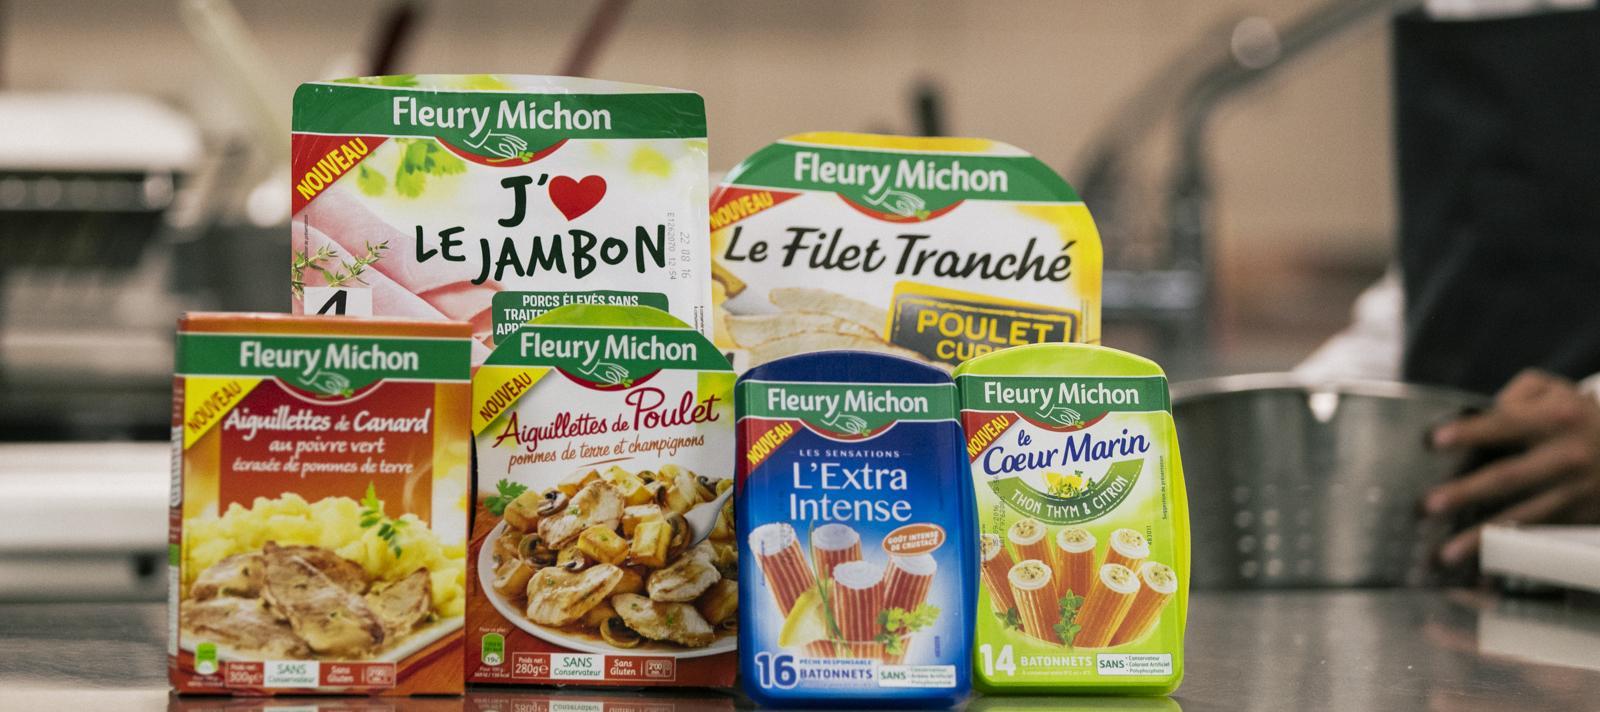 nouveautés produits boxs fleury michon manger mieux